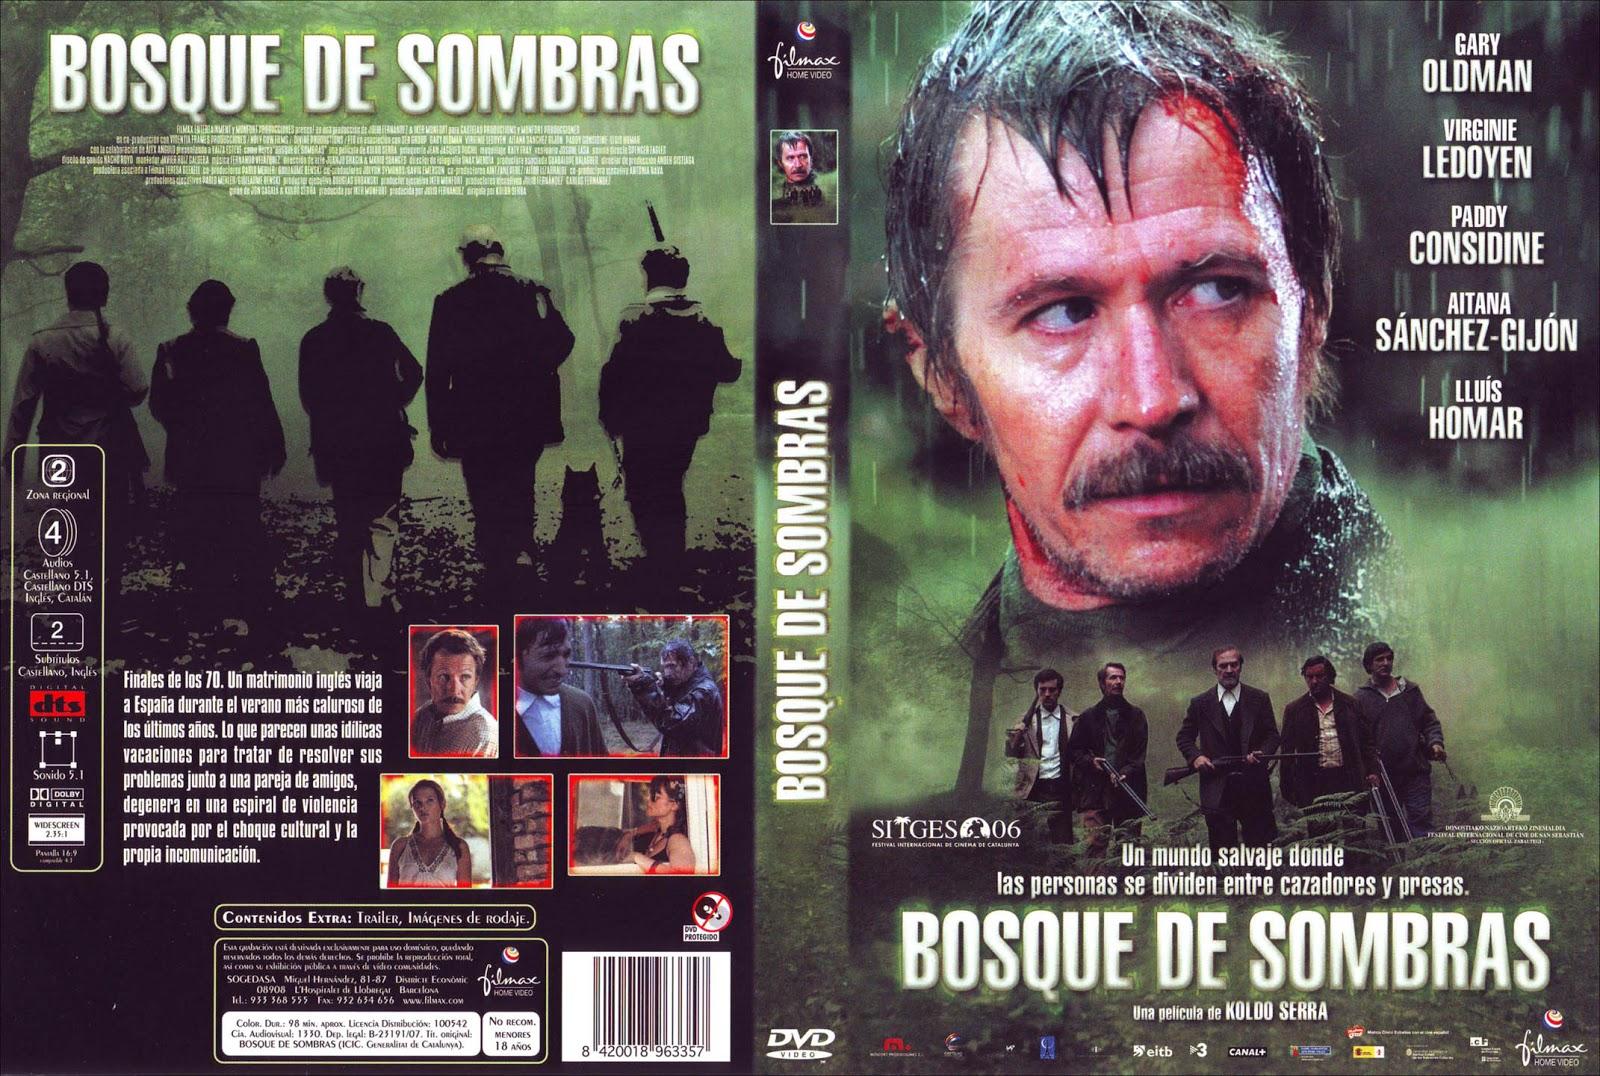 http://1.bp.blogspot.com/-Qe93npR9il4/ULpdLjT5CnI/AAAAAAAAHrA/QR1LWHwSbYo/s1600/Bosque_De_Sombras-Caratula.jpg